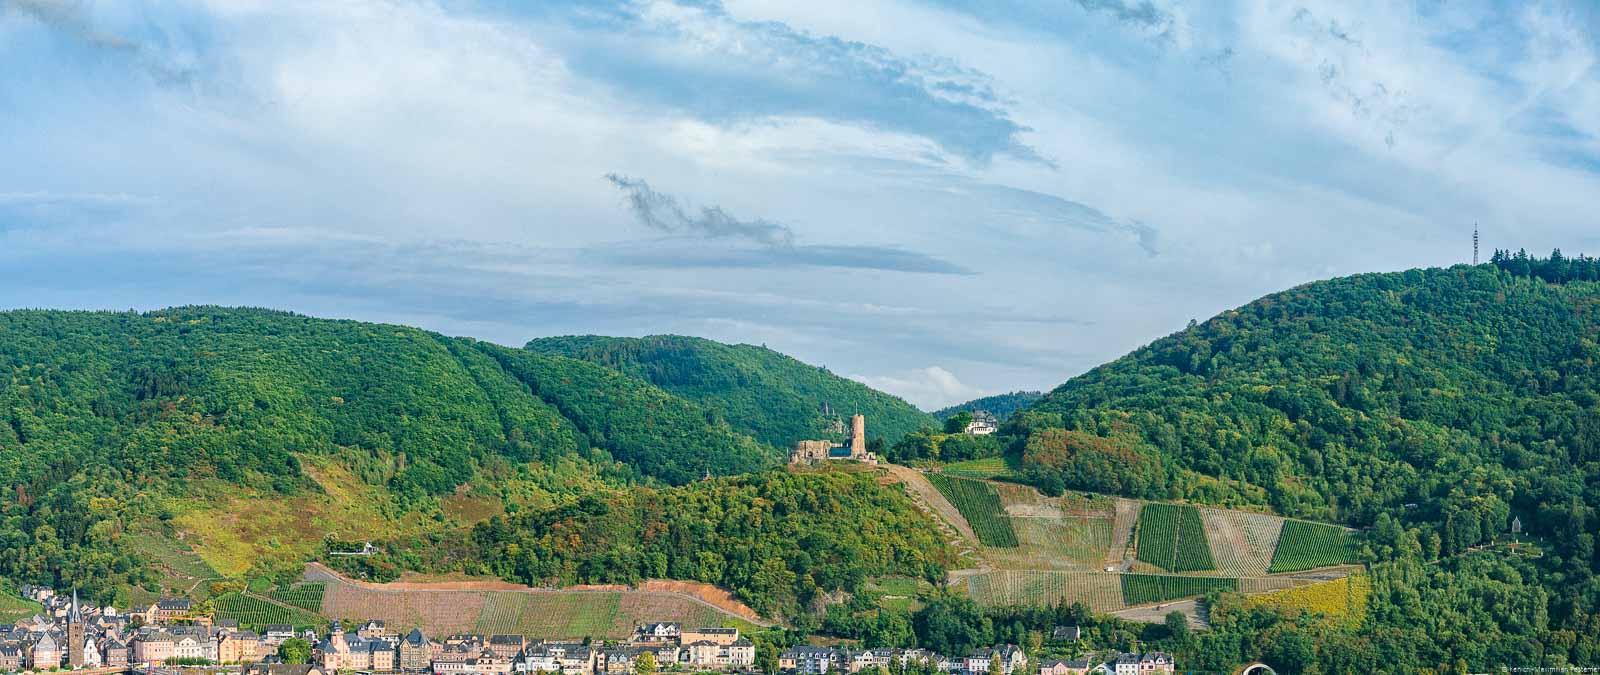 Am unteren Rand liegt der Ort Bernkastel-Kues. Über dem Ort liegen Weinberge, Wälder und Himmel. In der Mitte befindet sich die Burg Landshut. Unterhalb der Burg Landshut liegt der Bernkasteler Schloßberg.